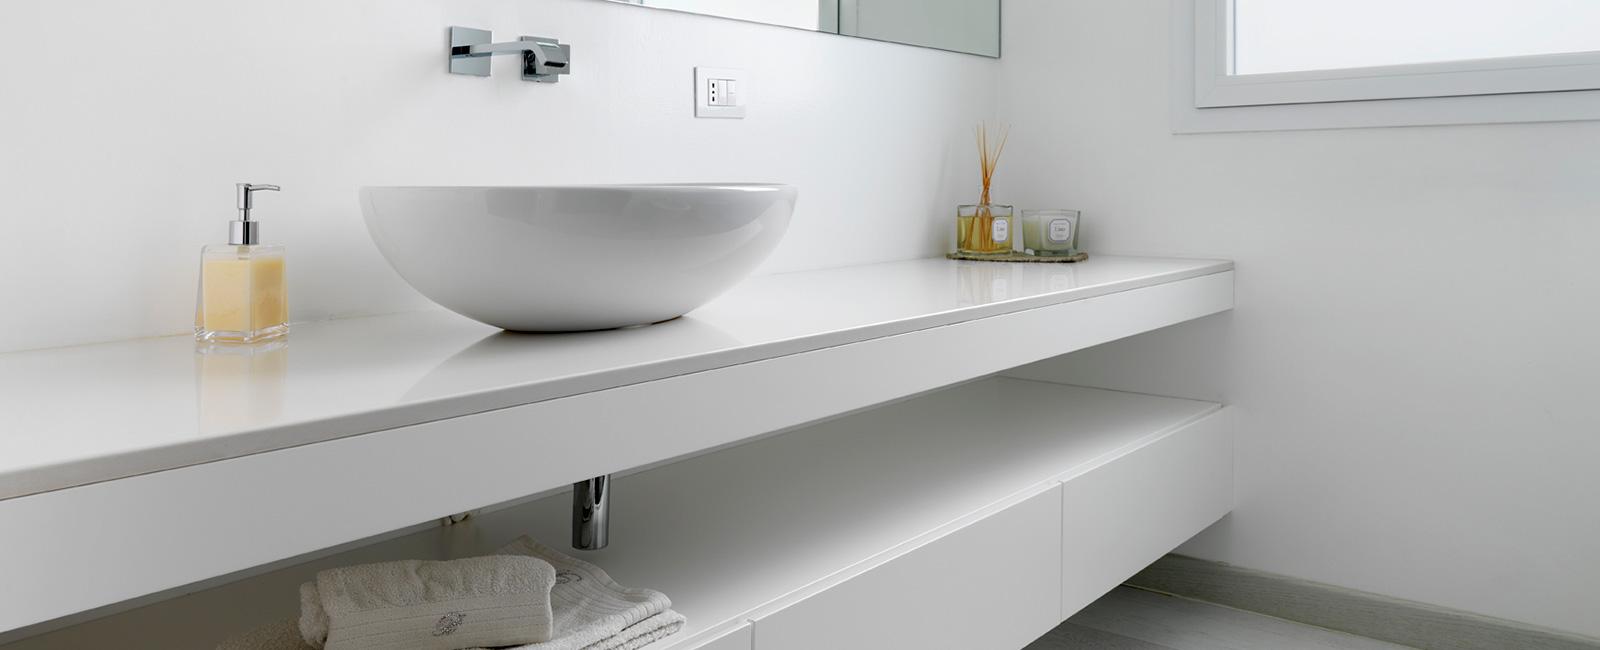 Mobili bagno in legno su misura falegnameria maestri for Mobili bagno su misura online